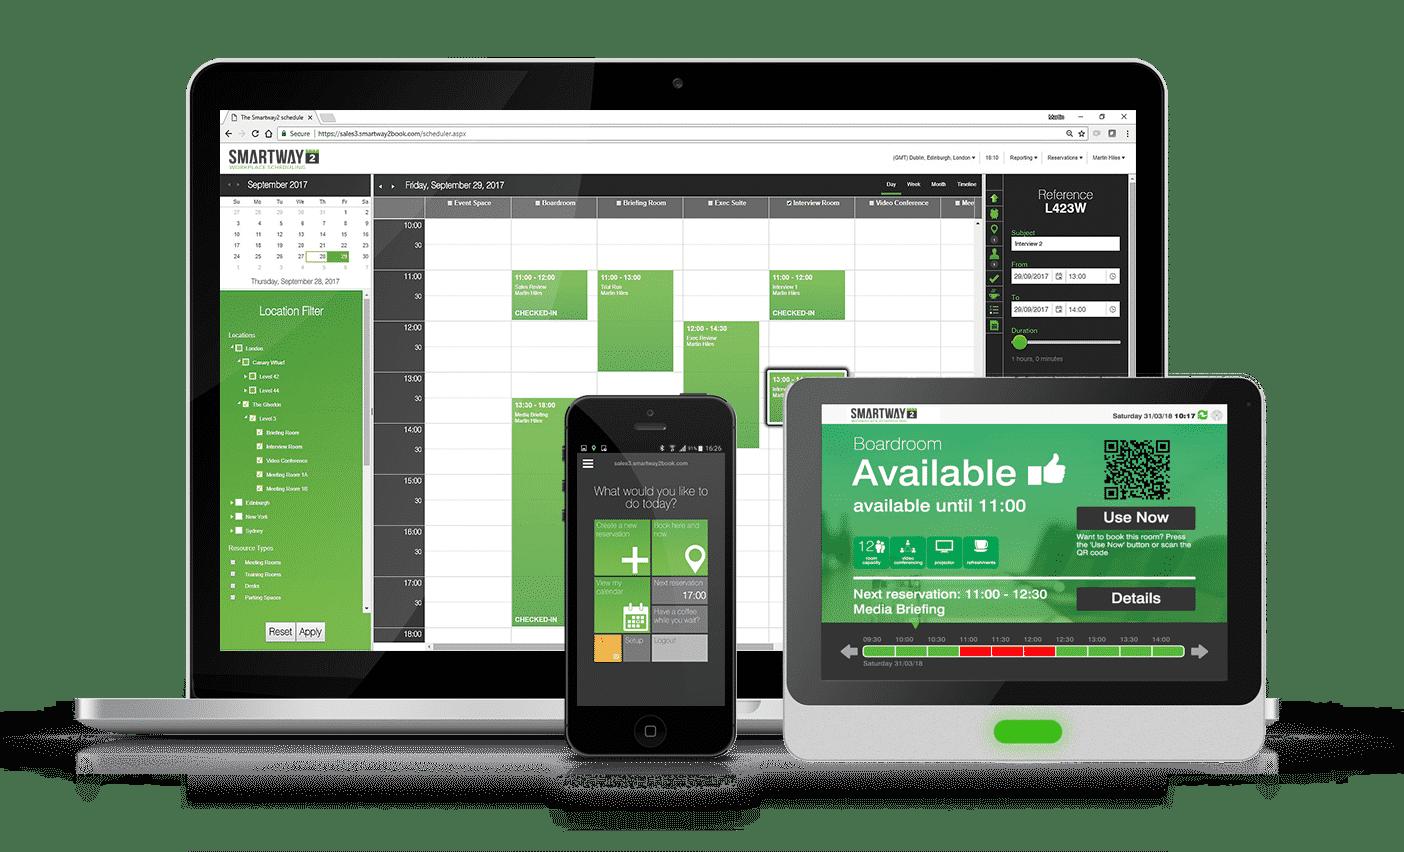 smartway2 apps